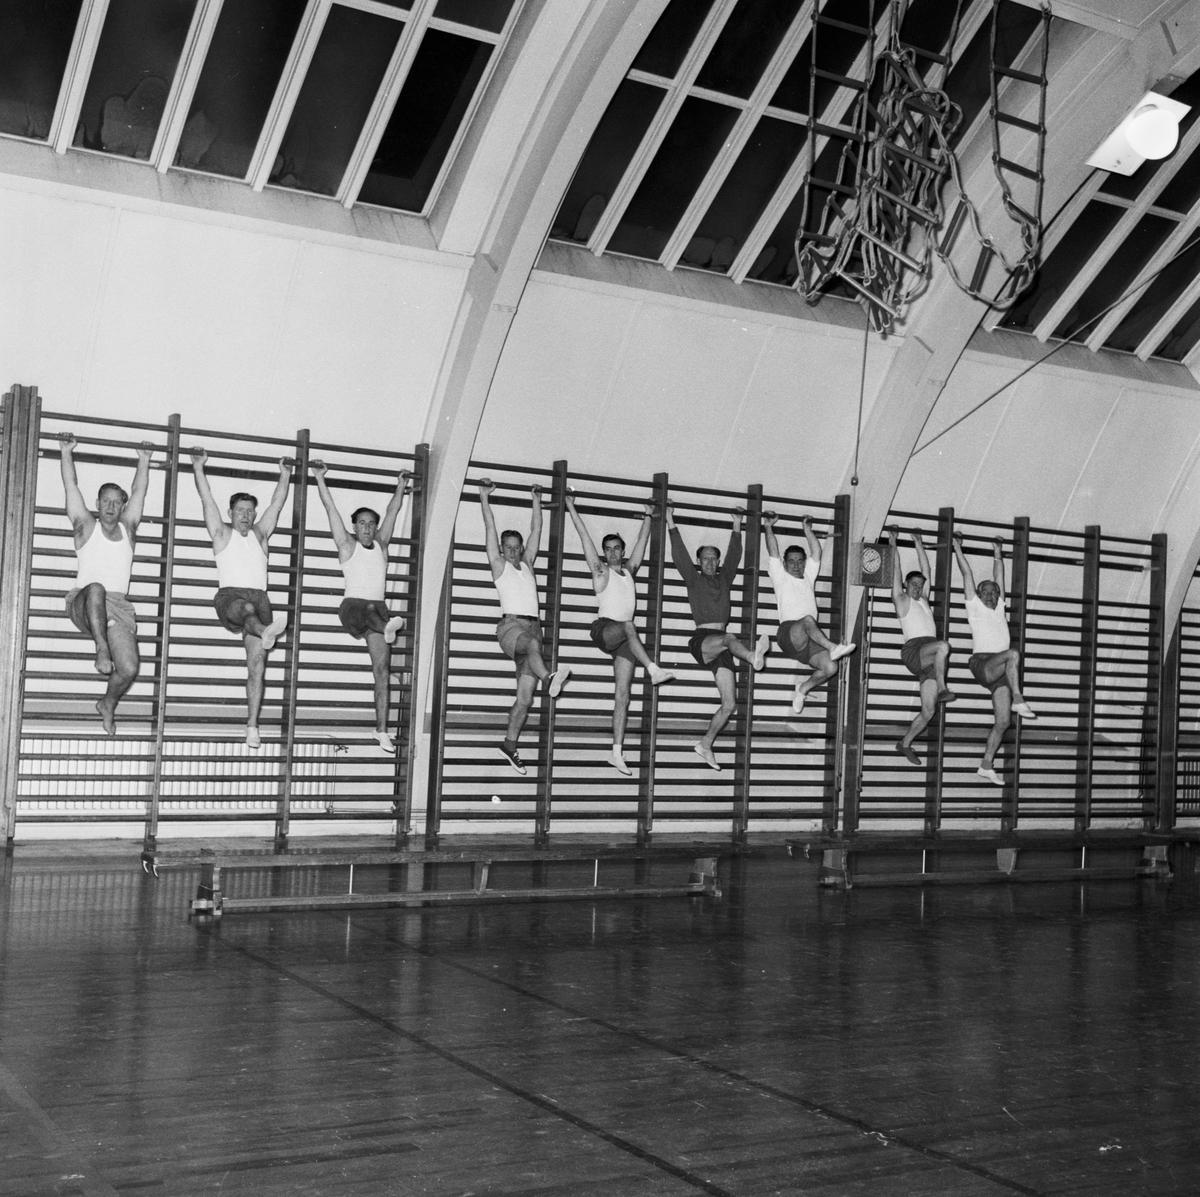 """Övrigt: Foto datum: 8/11 1957 Byggnader och kranar """"Varvet runt"""" gymnastiksgruppen. Närmast identisk bild: V14215, ej skannad"""